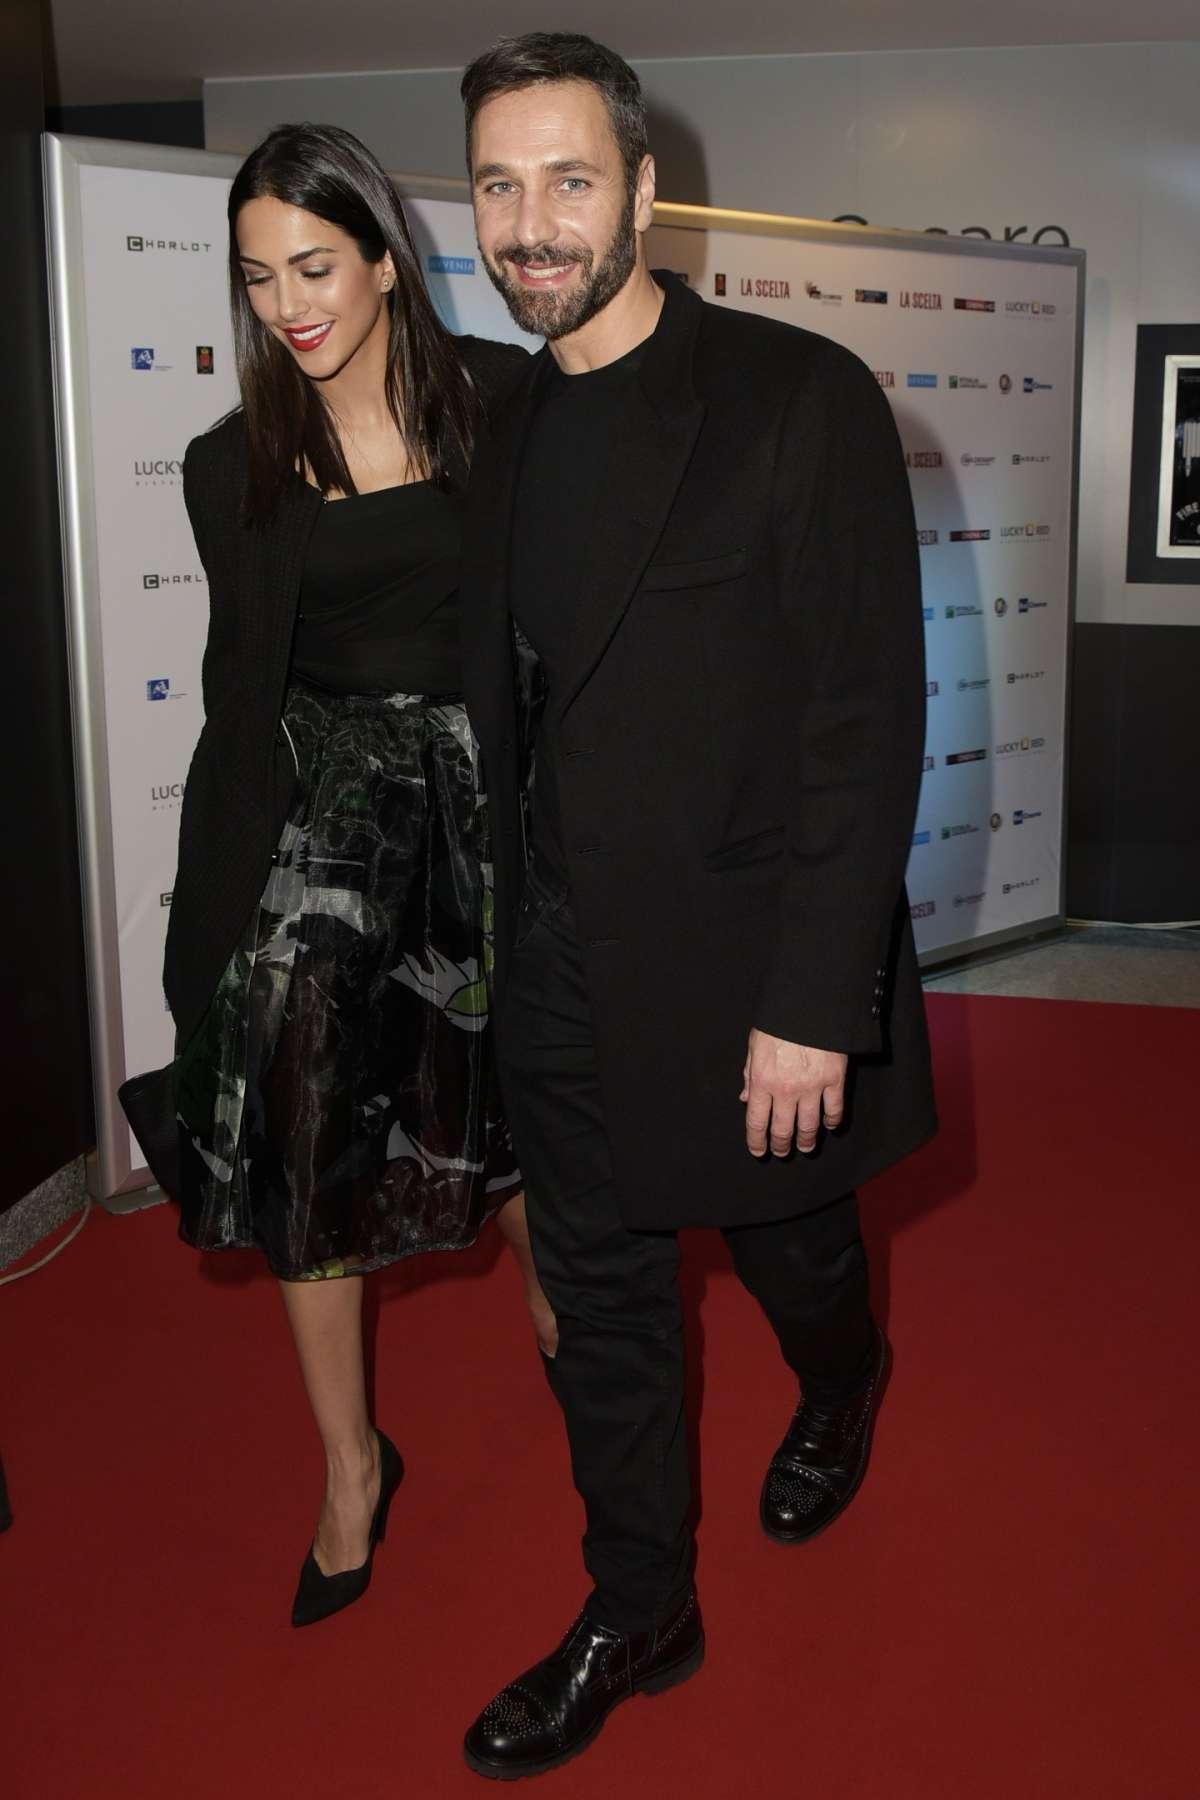 Raoul Bova elegantissimo e sorridente con la compagna